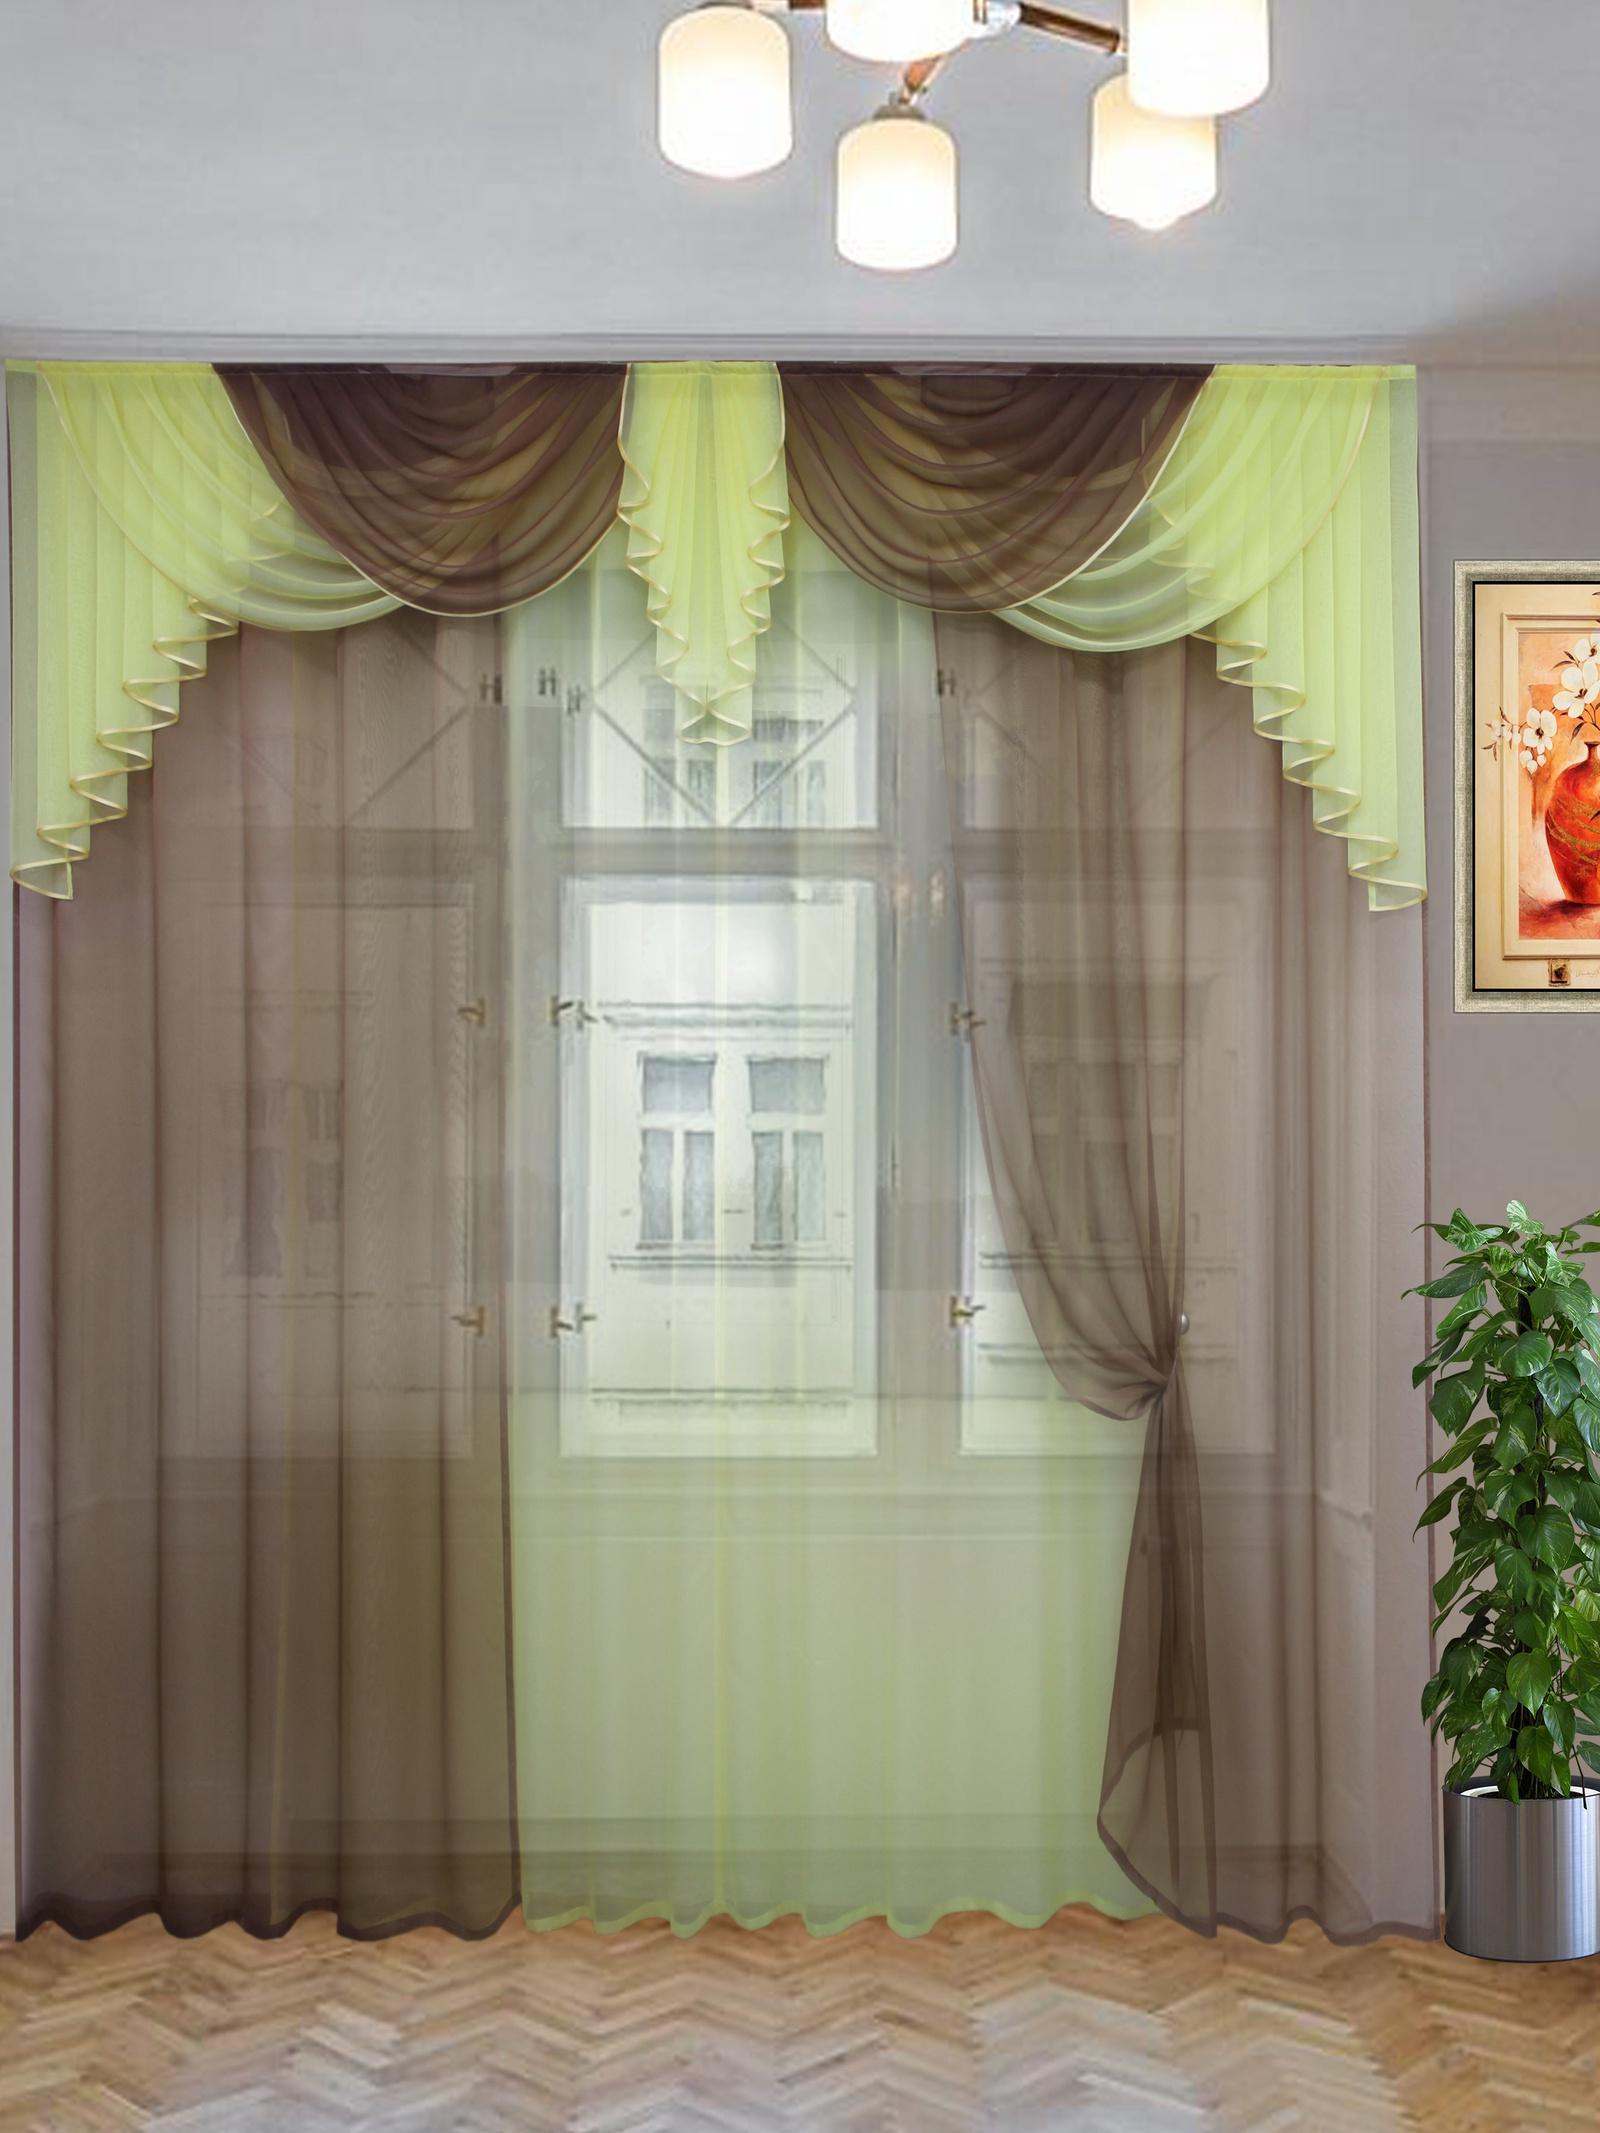 цена Комплект штор Текстиль.ру ТЕК-КШ-Афина-10-16-3*2,7-Т, коричневый, светло-бежевый онлайн в 2017 году